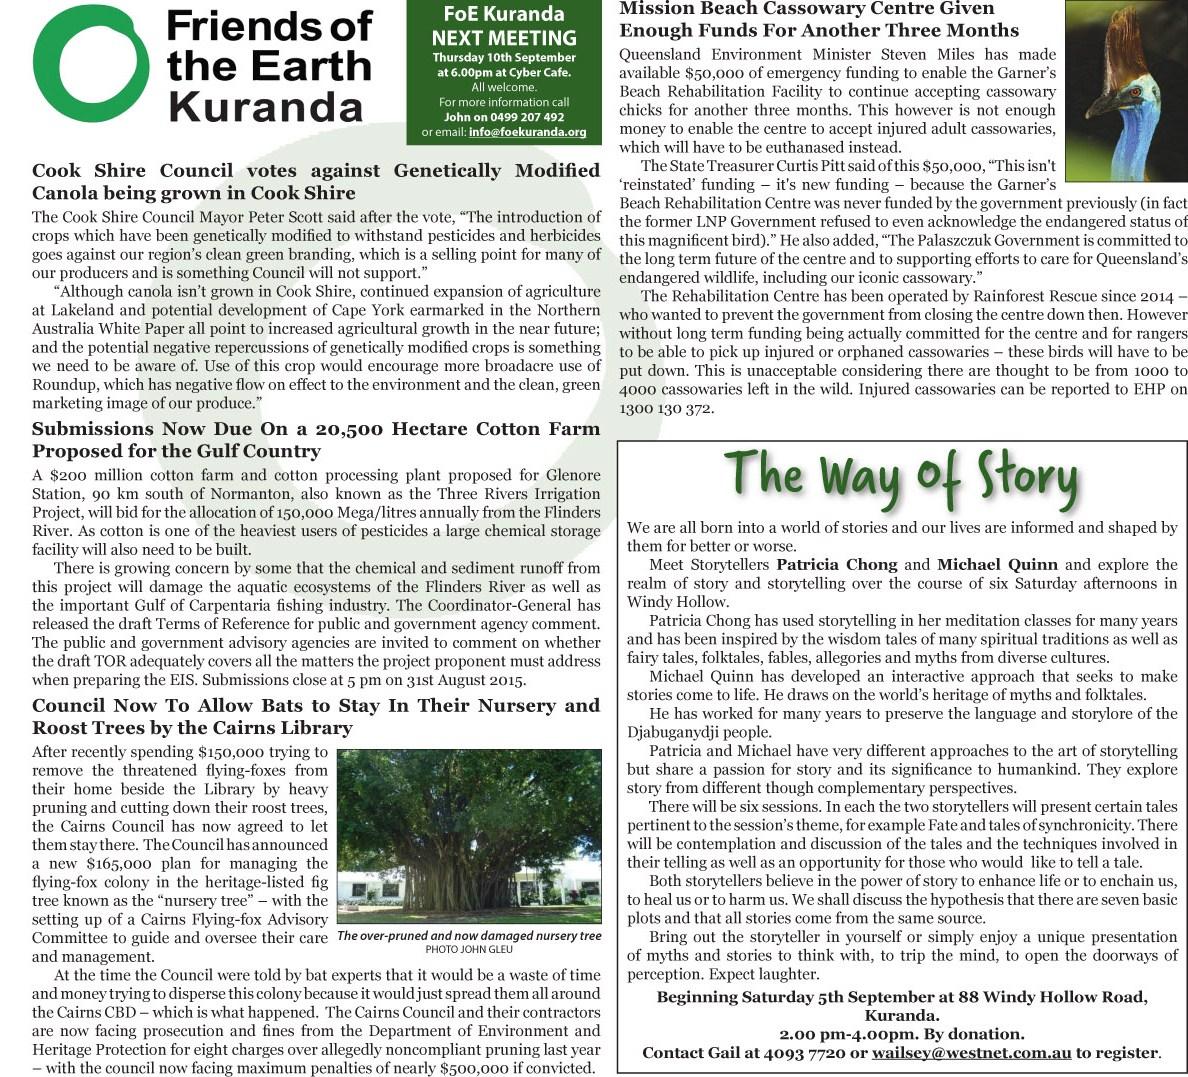 KP-Page11.jpg